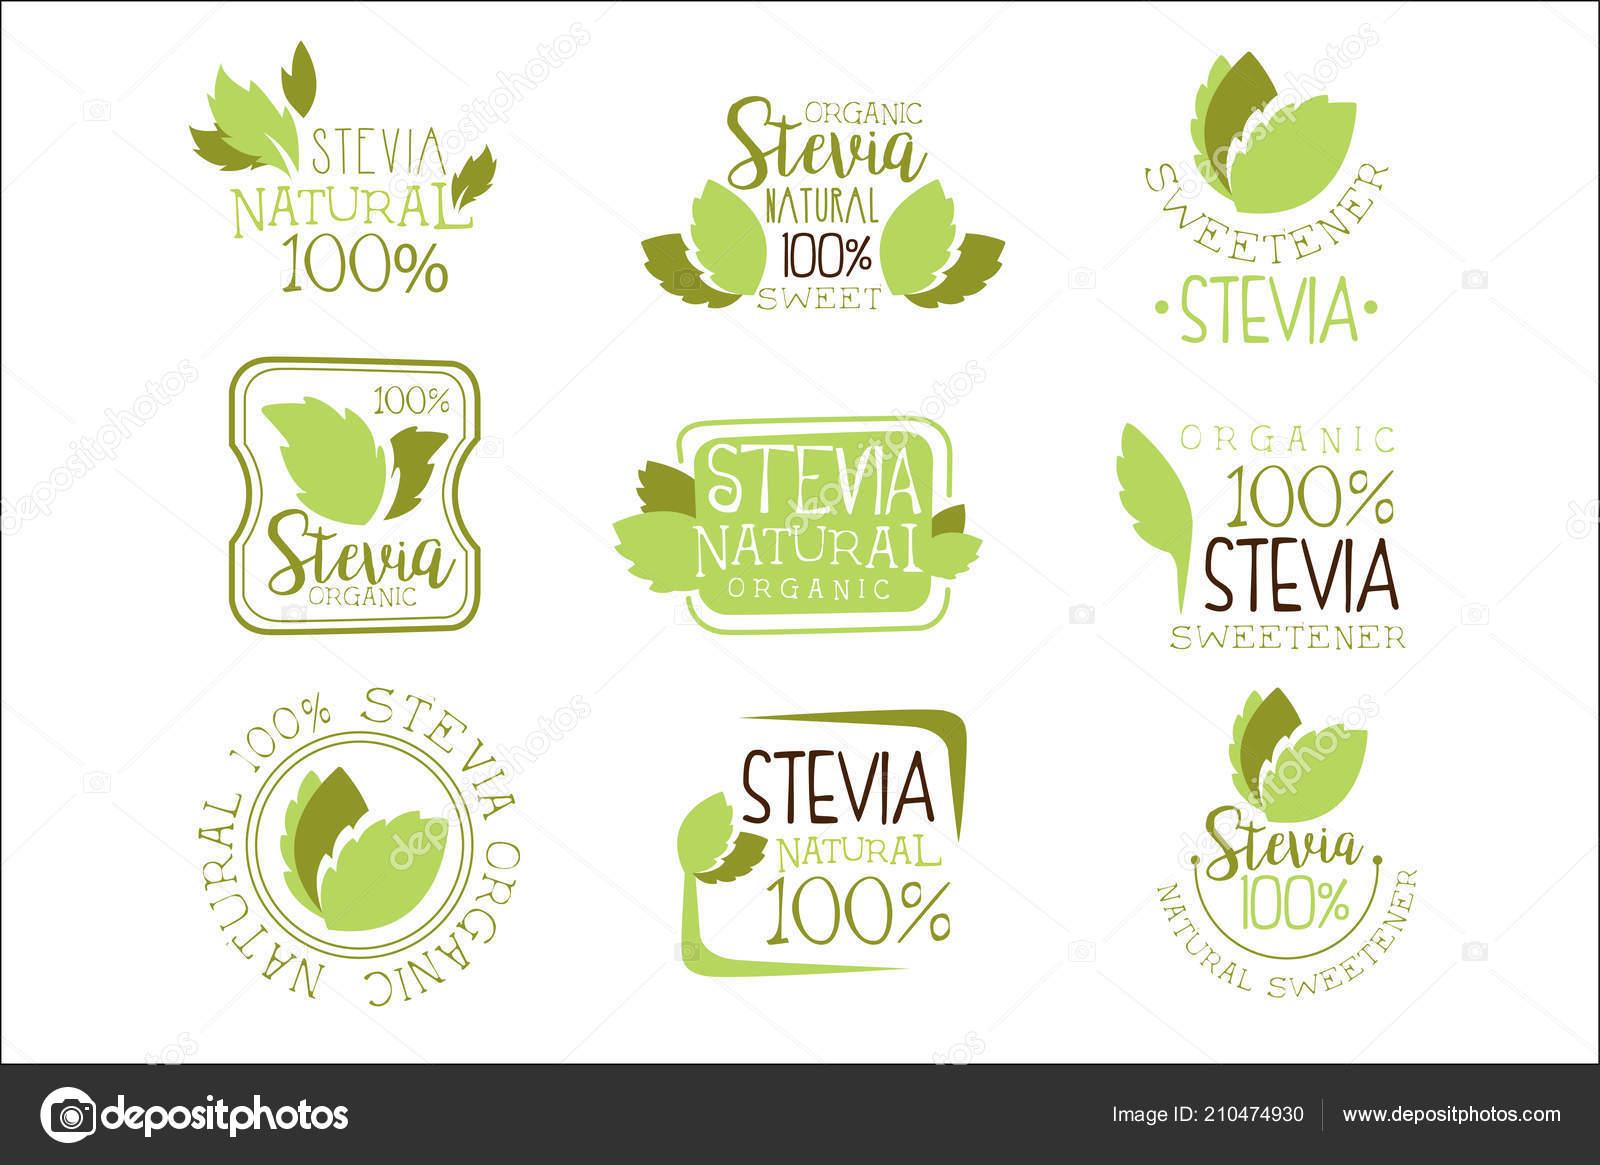 Stevia Natural aditivo edulcorante y sustituto de azúcar